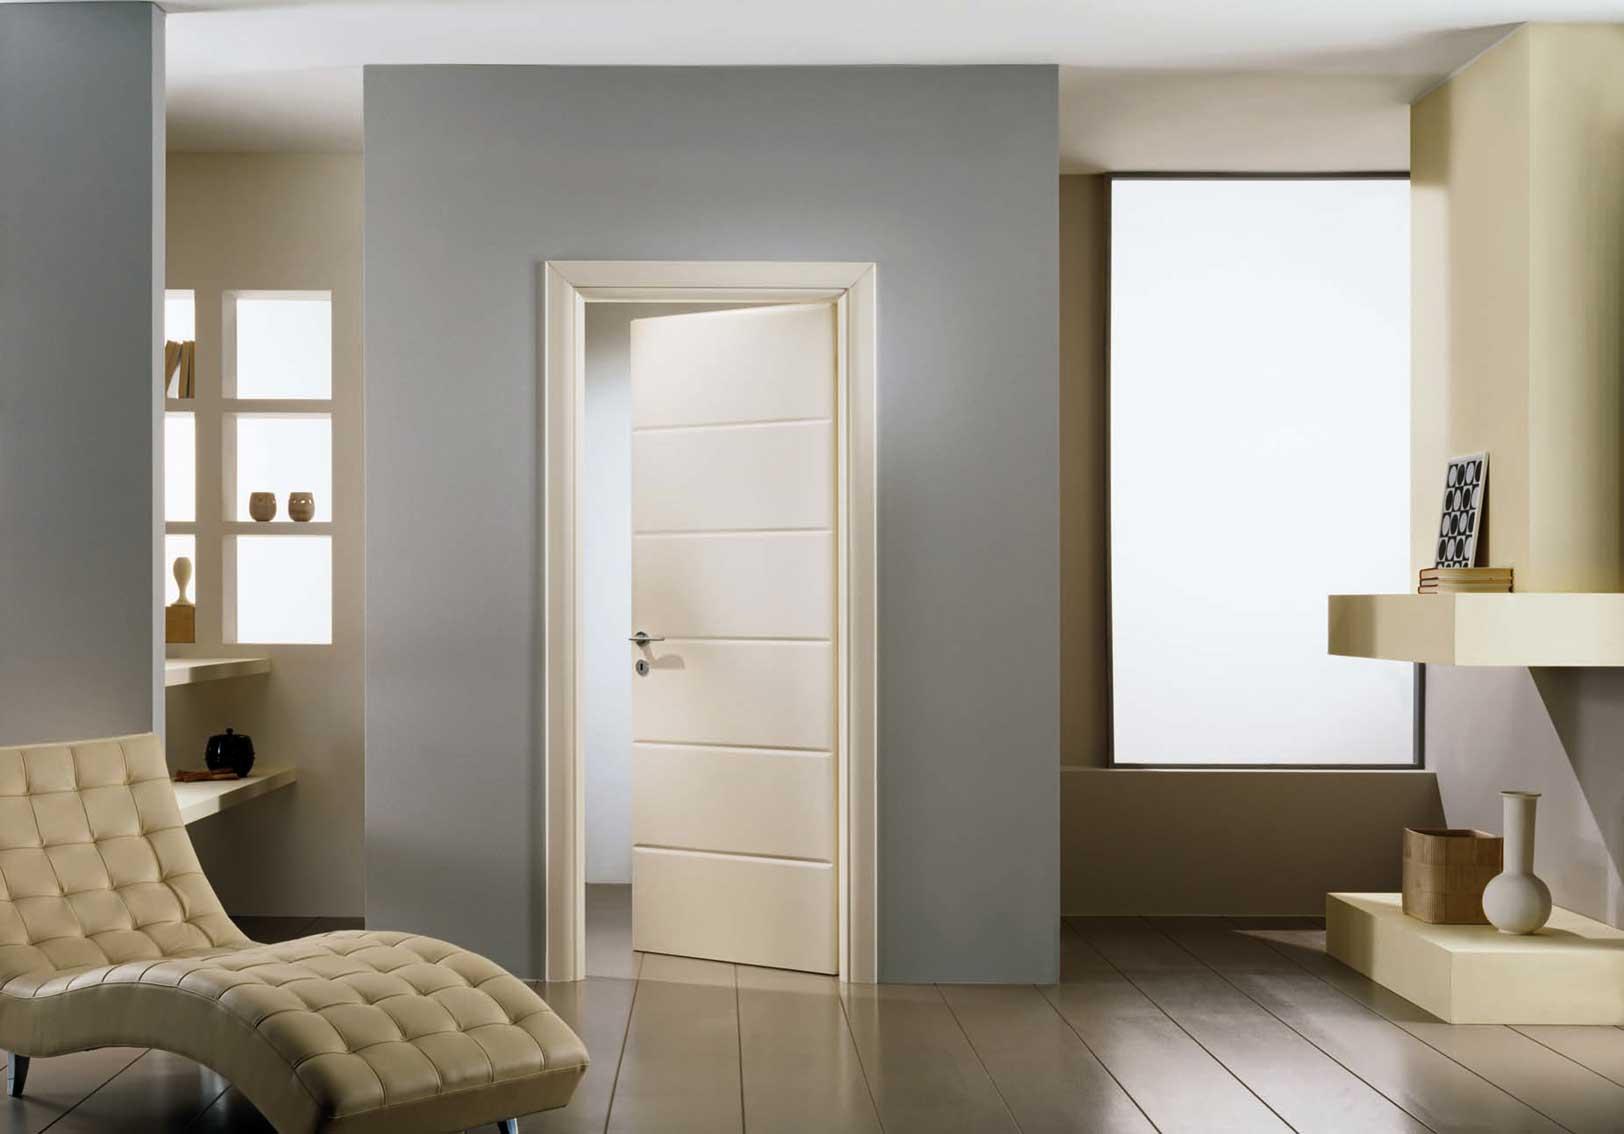 Цвет дверей в интерьере: 75 фото решений